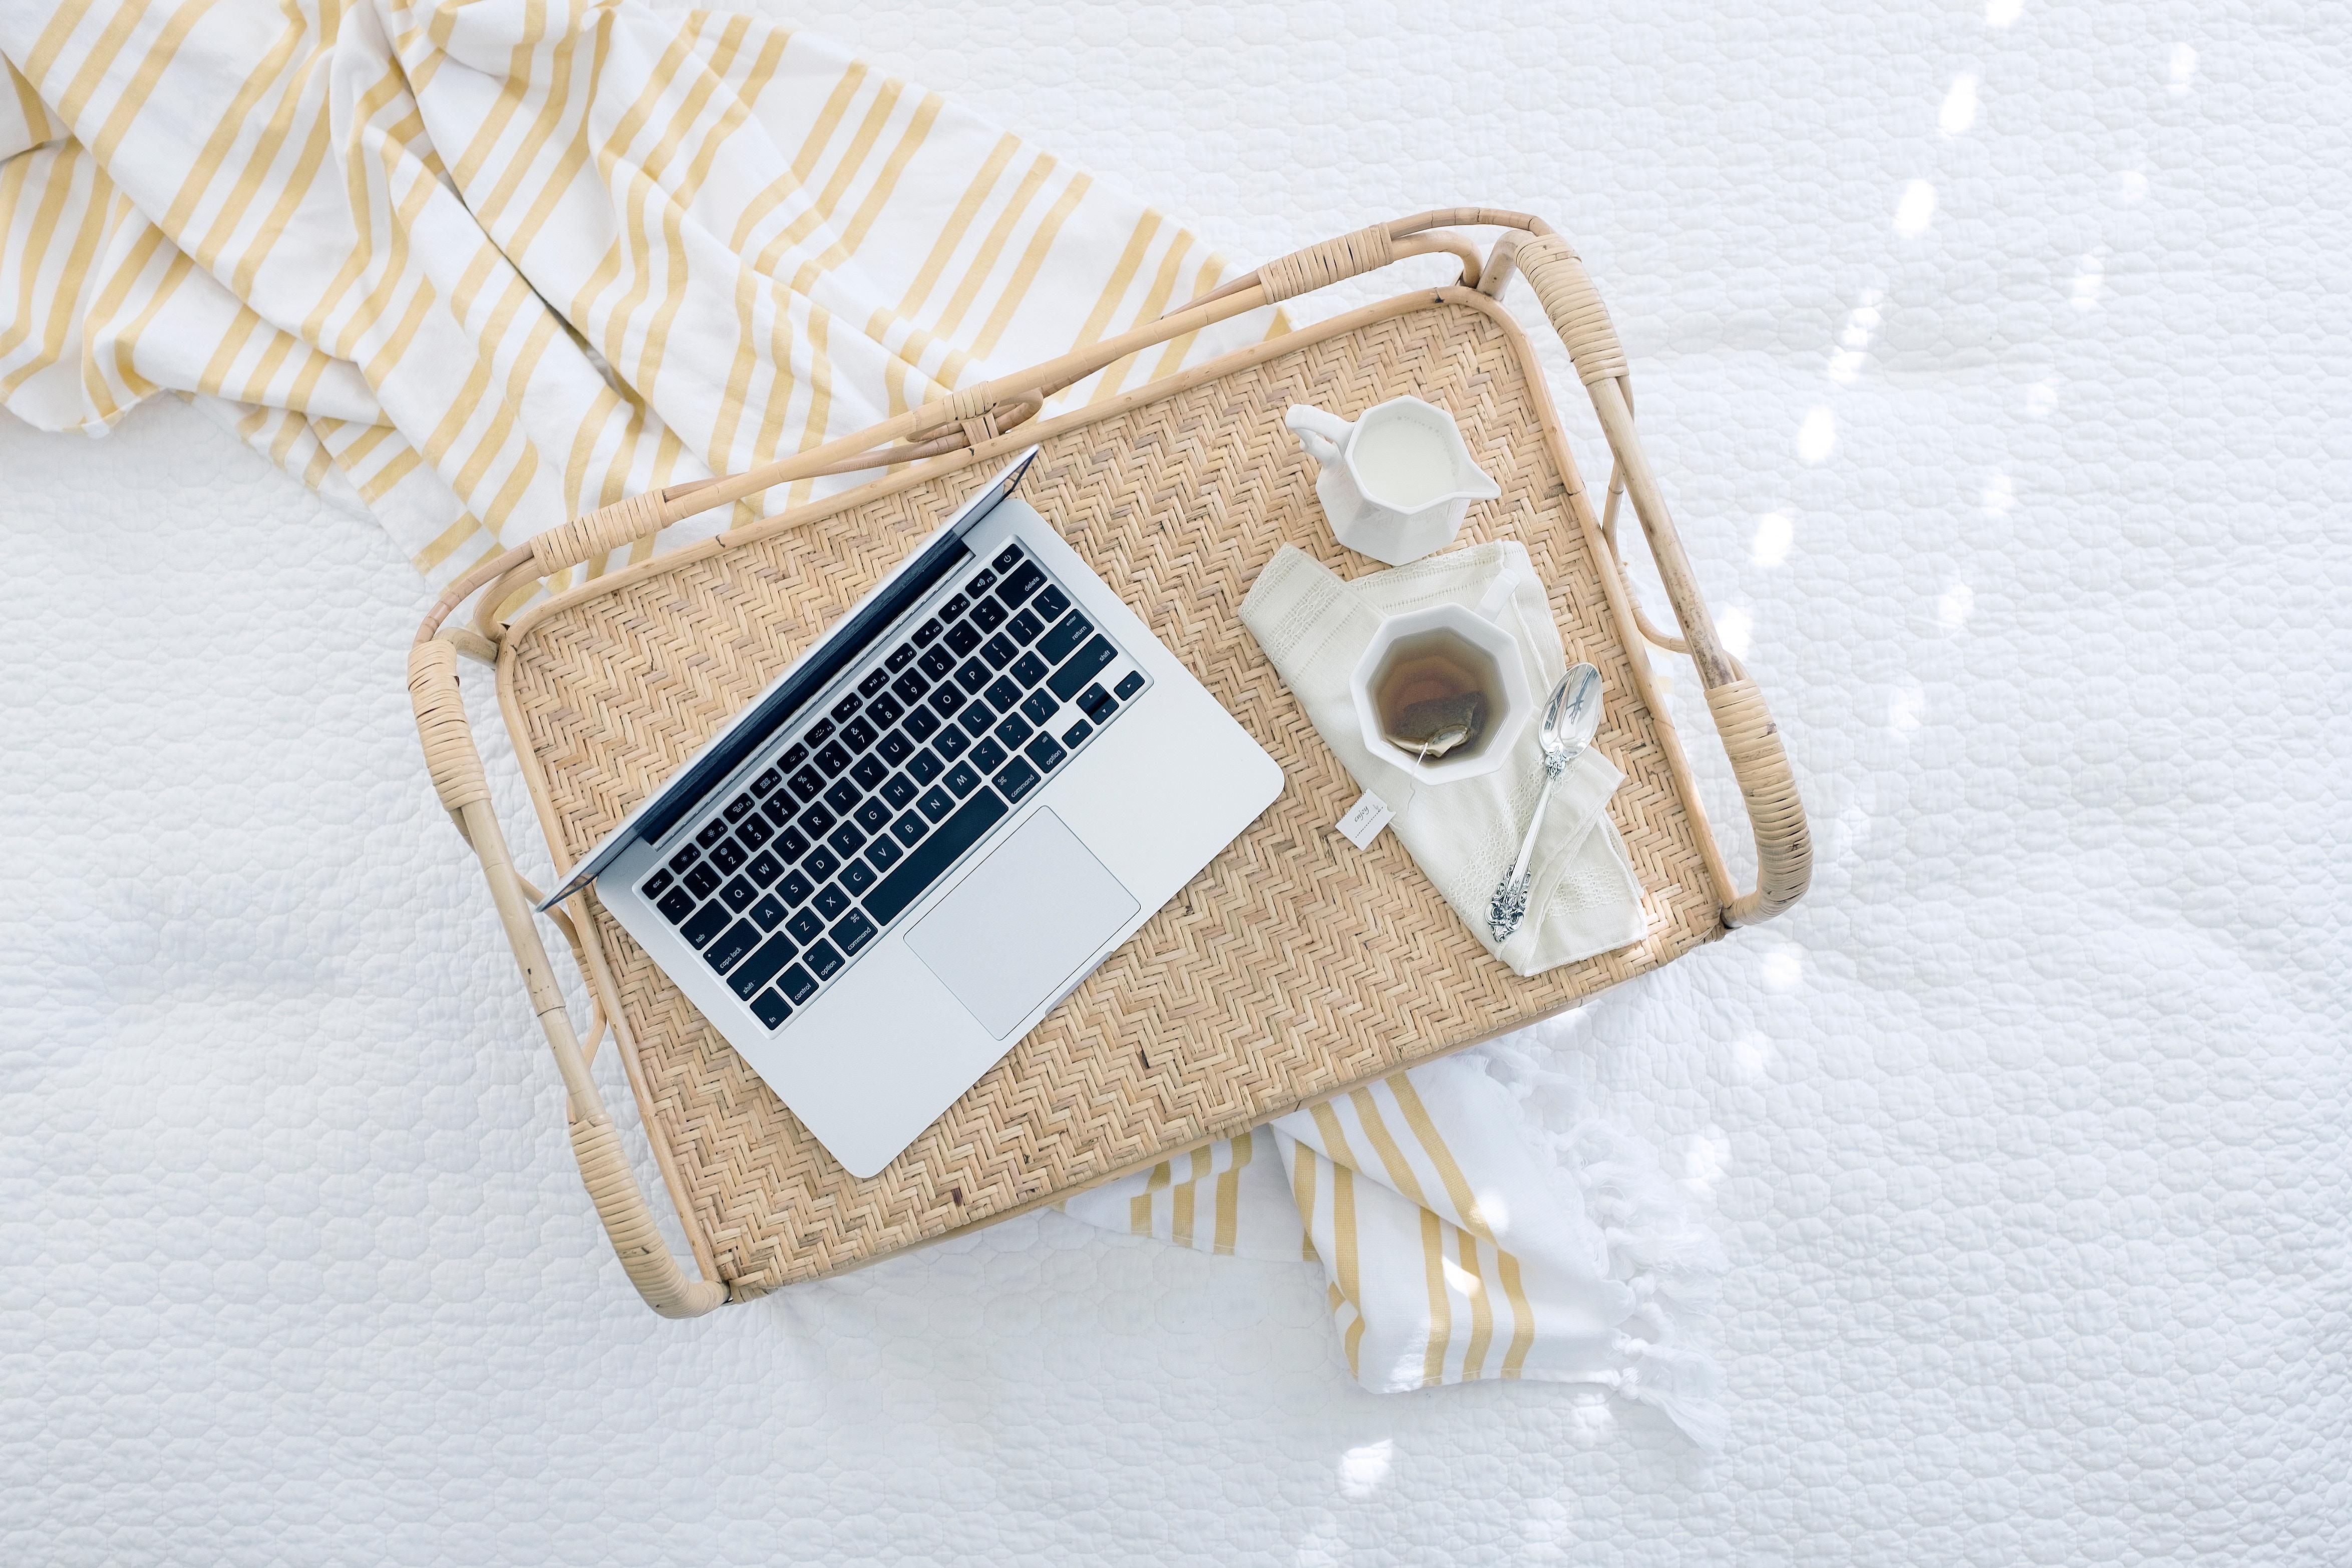 Laptop und Tee Tasse auf einem Tisch